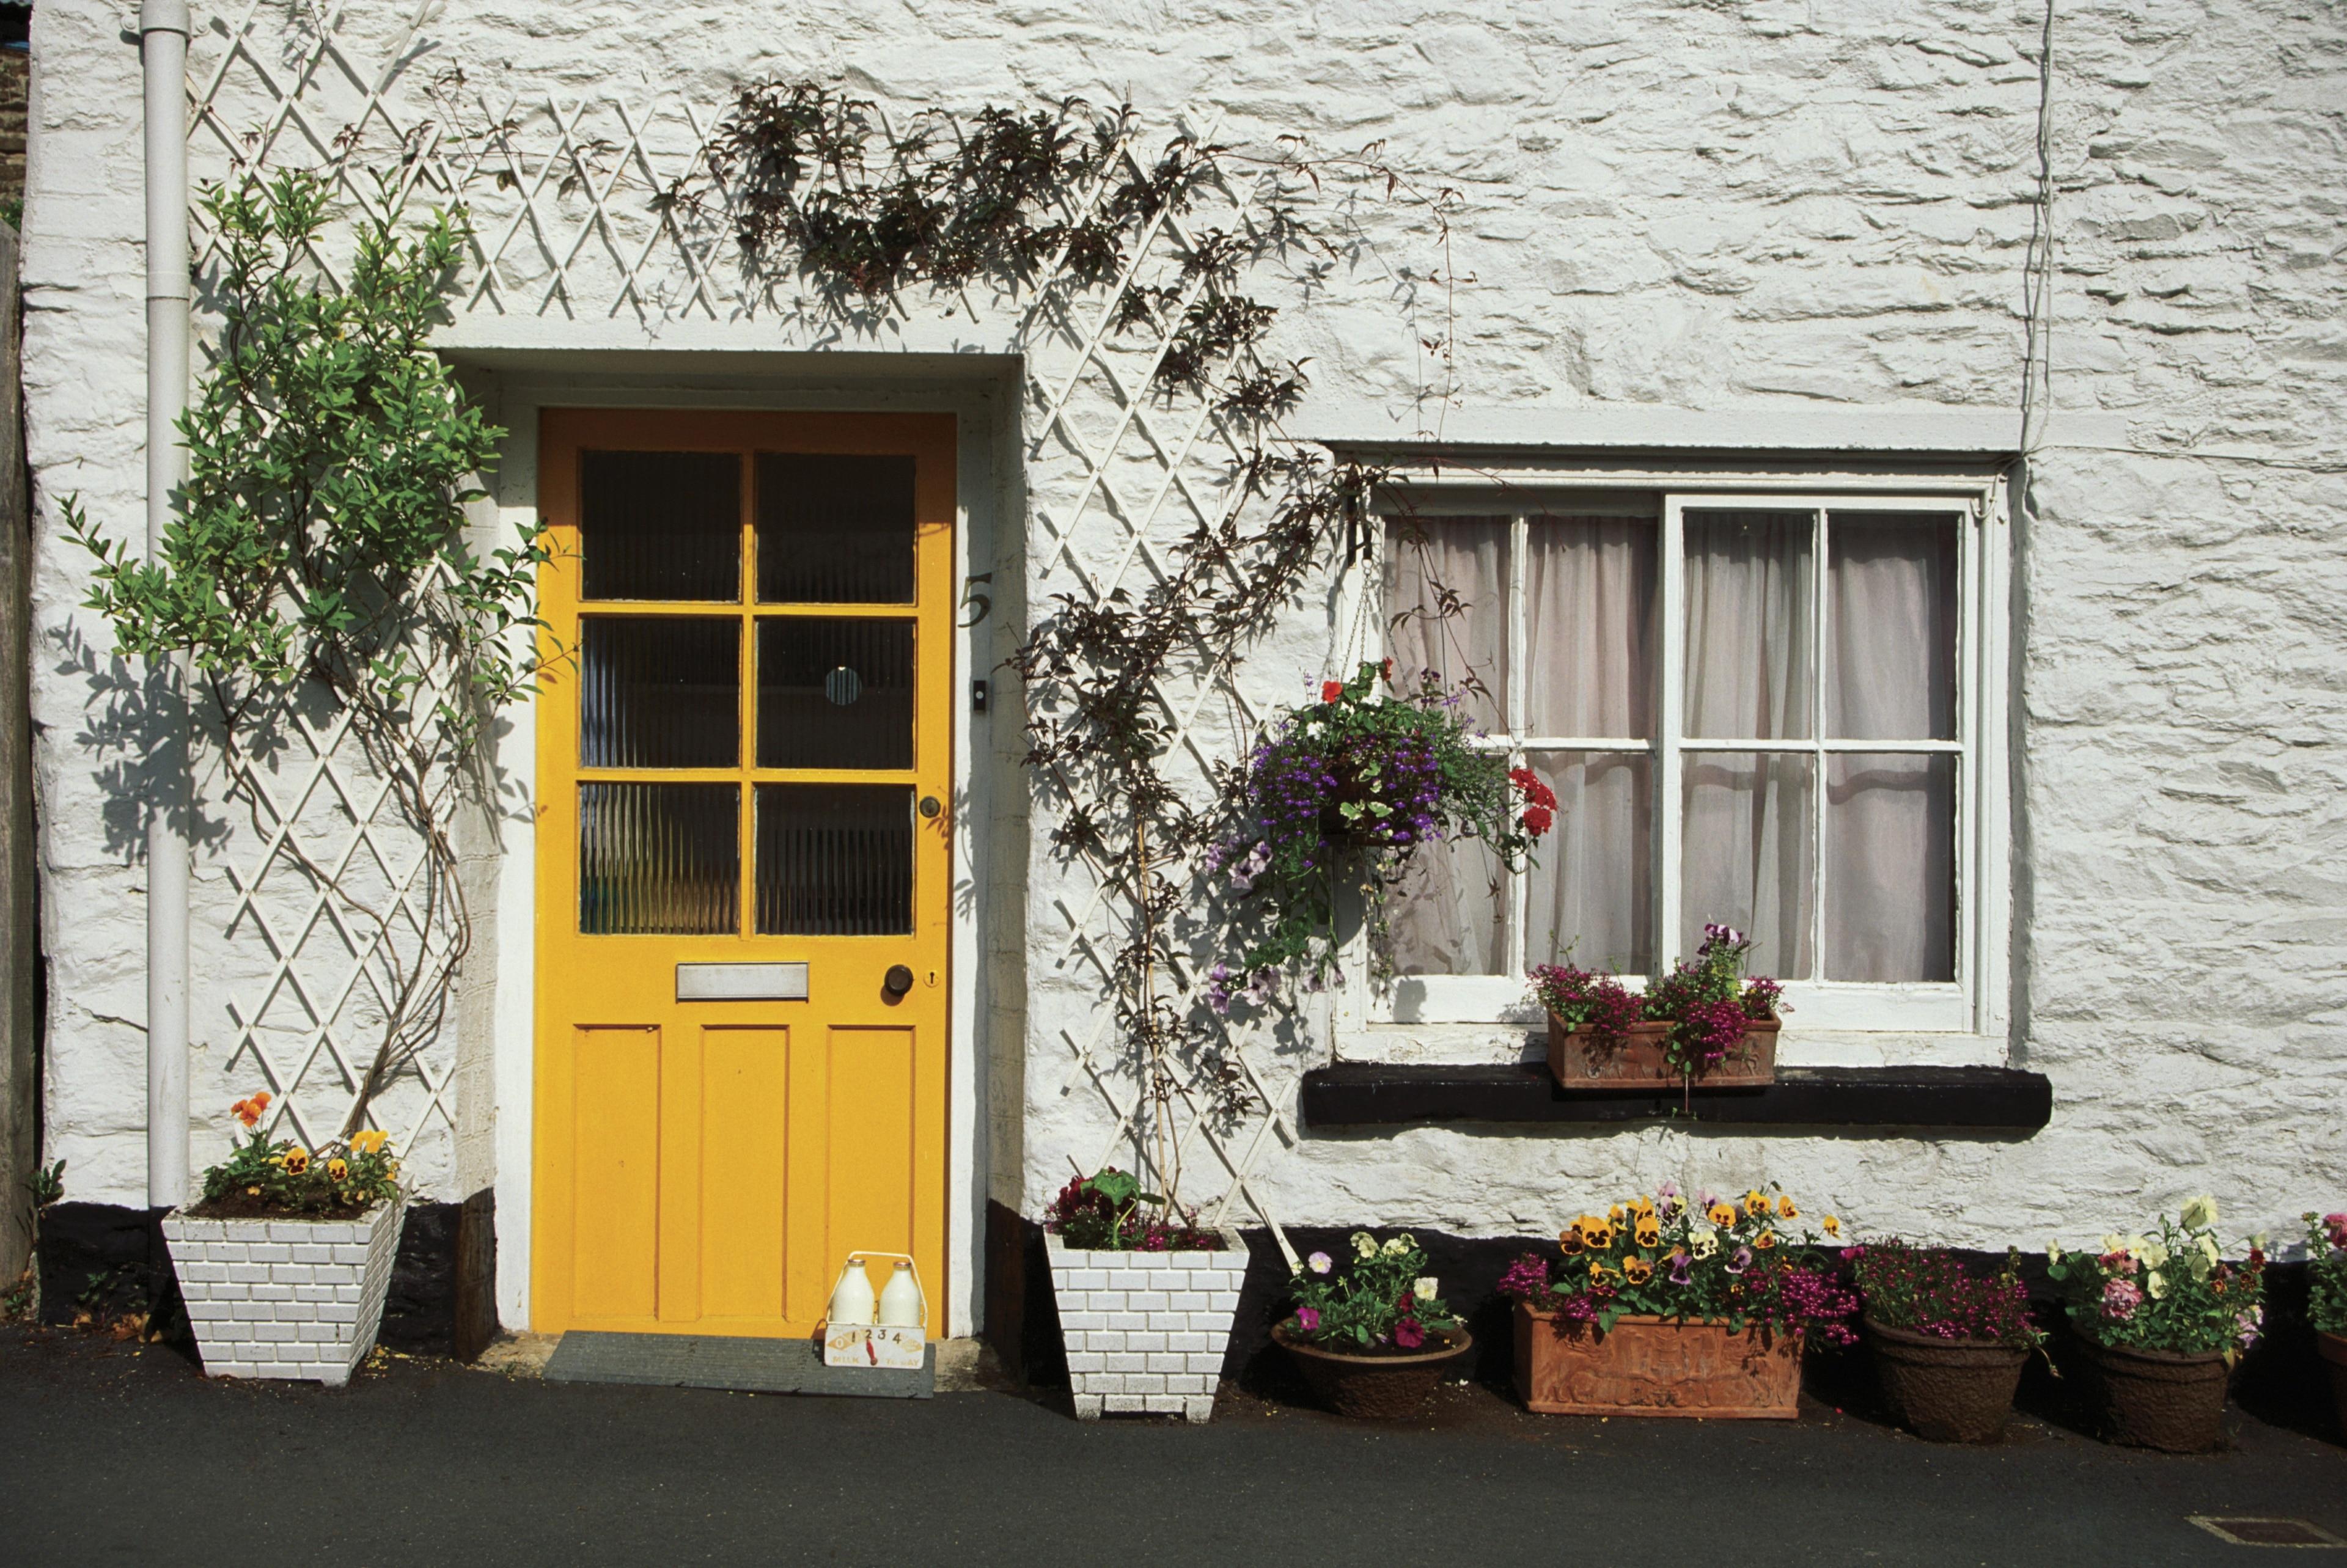 Totnes, England, United Kingdom